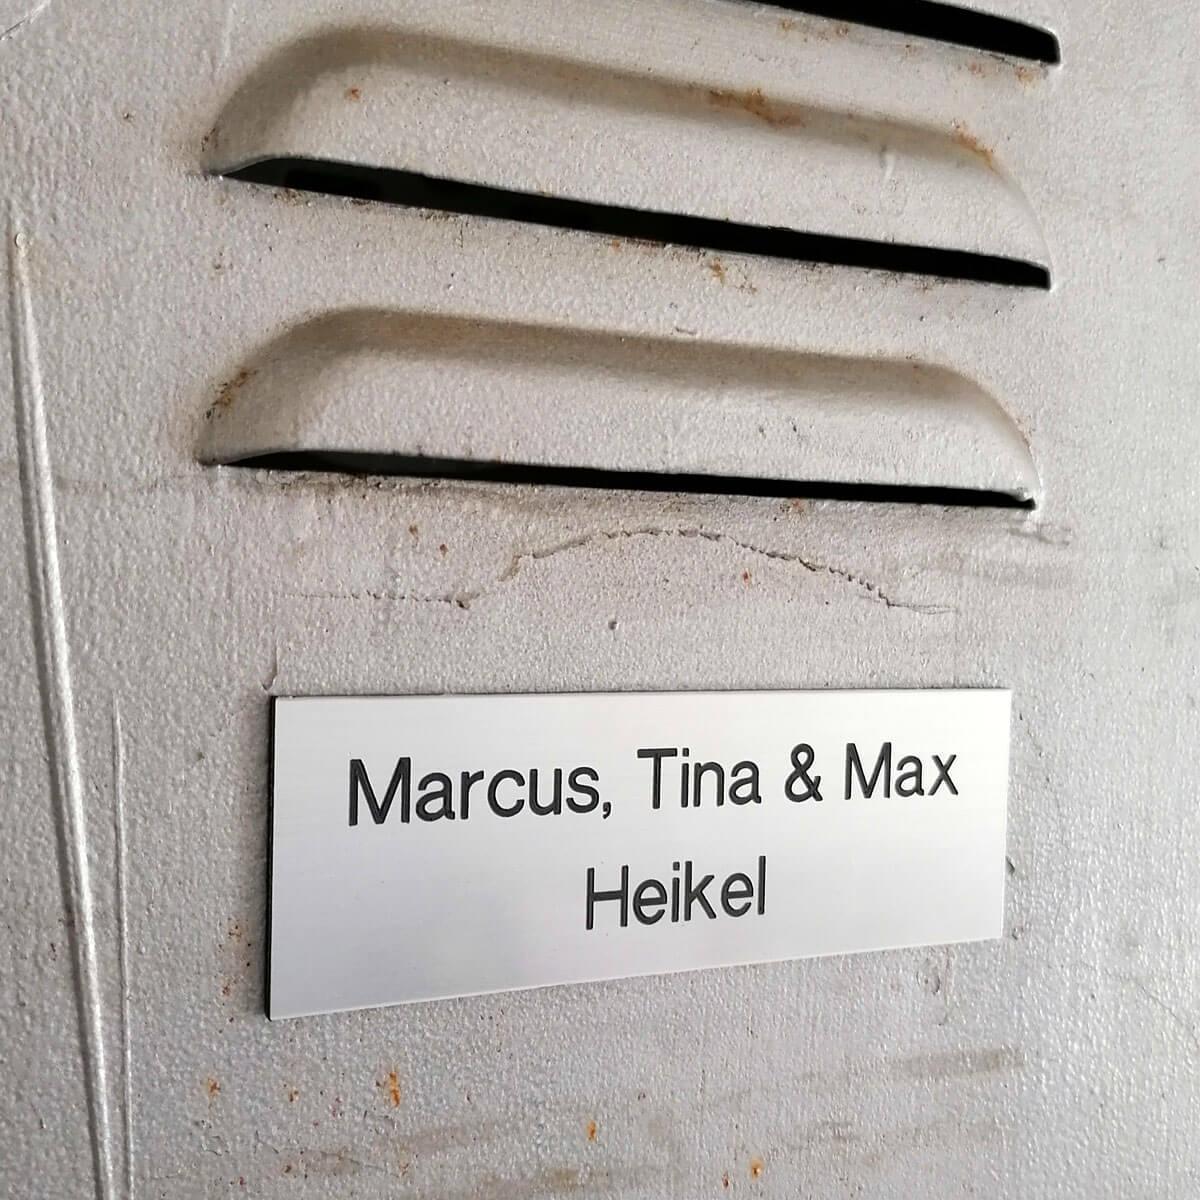 Woning bordje (deurnaamplaat)